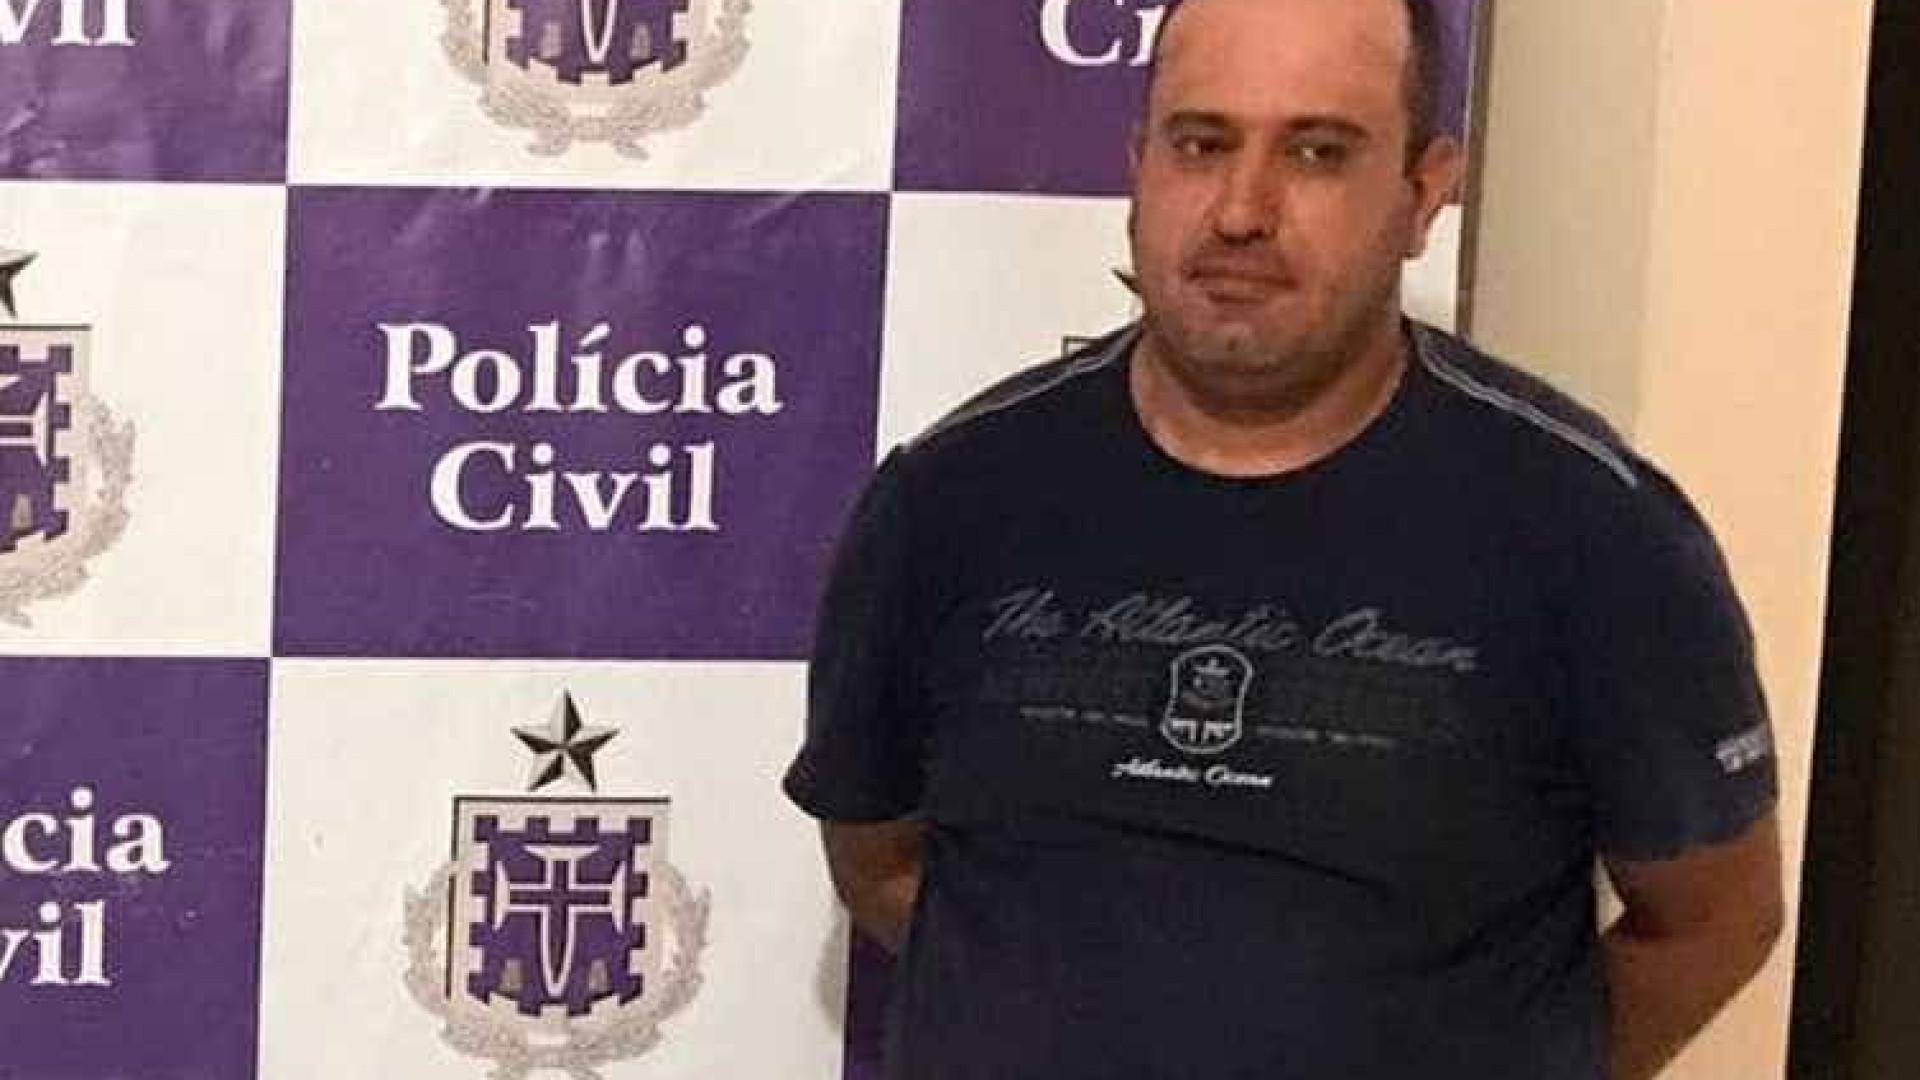 Traficante investigado por assalto ao Banco Central é preso na Bahia